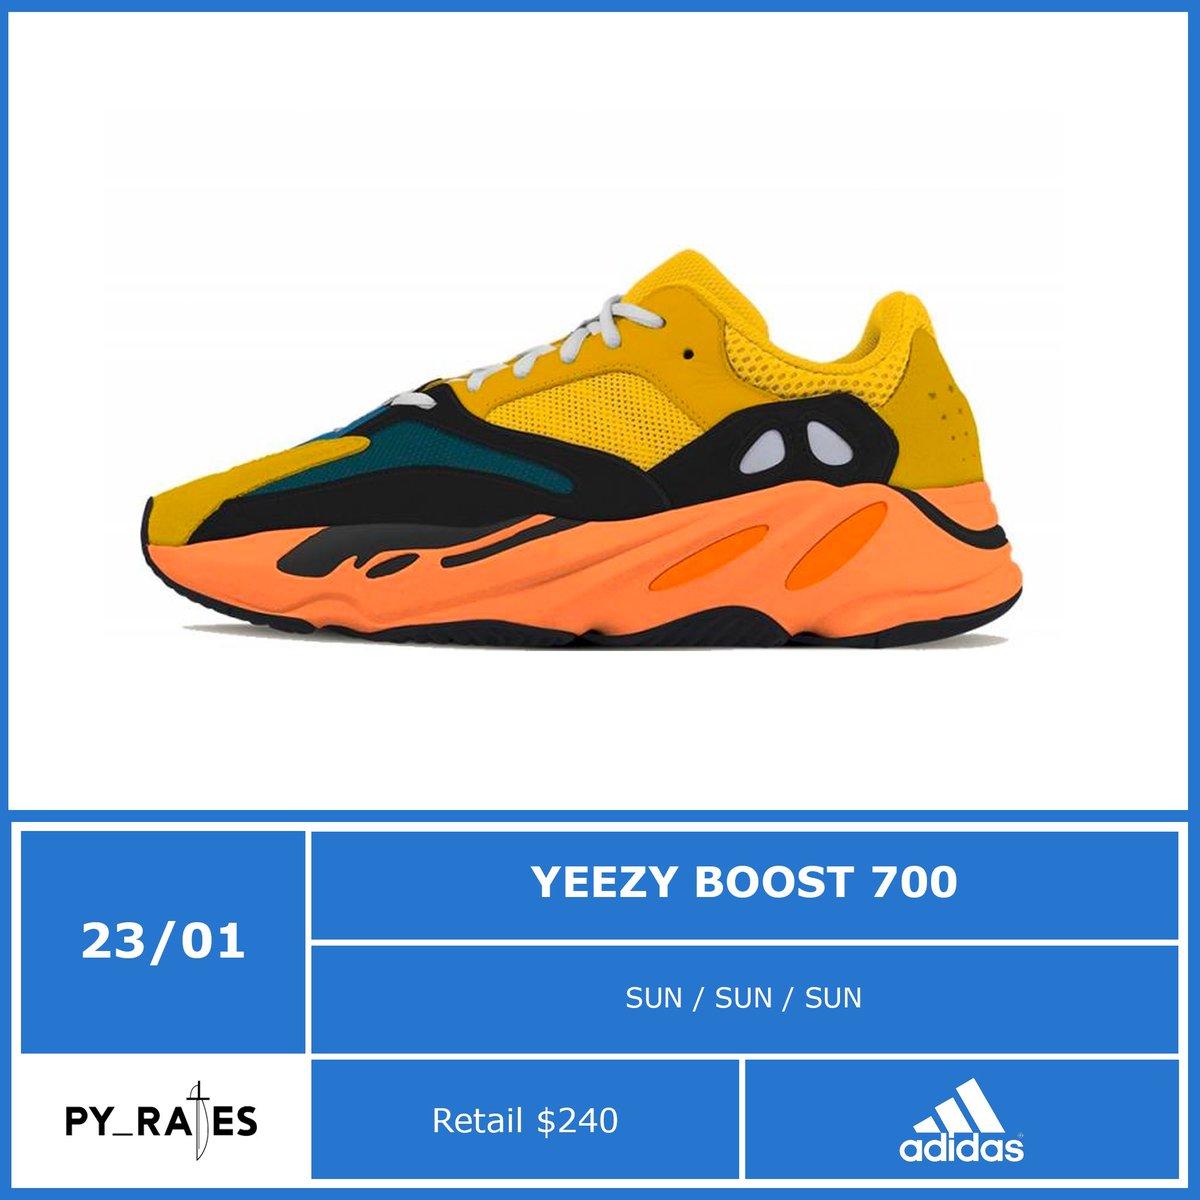 Yeezy Boost 700 Sun Release Info